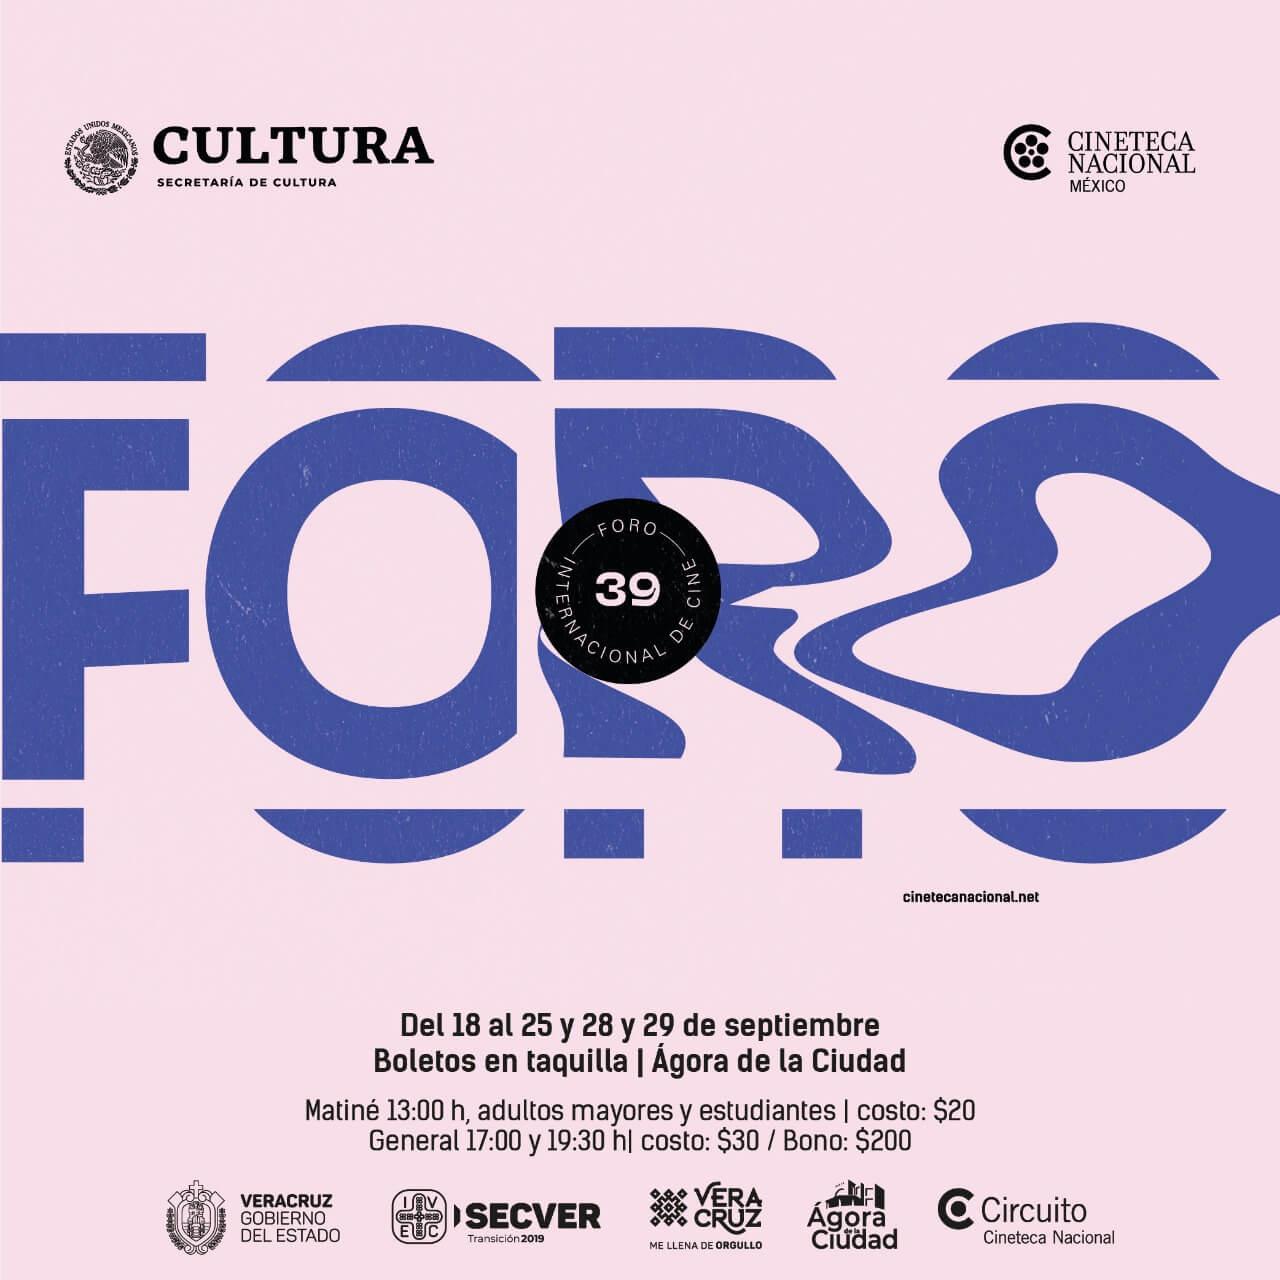 El Instituto Veracruzano de la Cultura (IVEC) presenta el Foro Internacional de la Cineteca Nacional del 18 al 25 y 28 y 29 de septiembre, con 10 filmes en triple función a las 13:00, 17:00 y 19:30 horas, en el Ágora de la Ciudad.